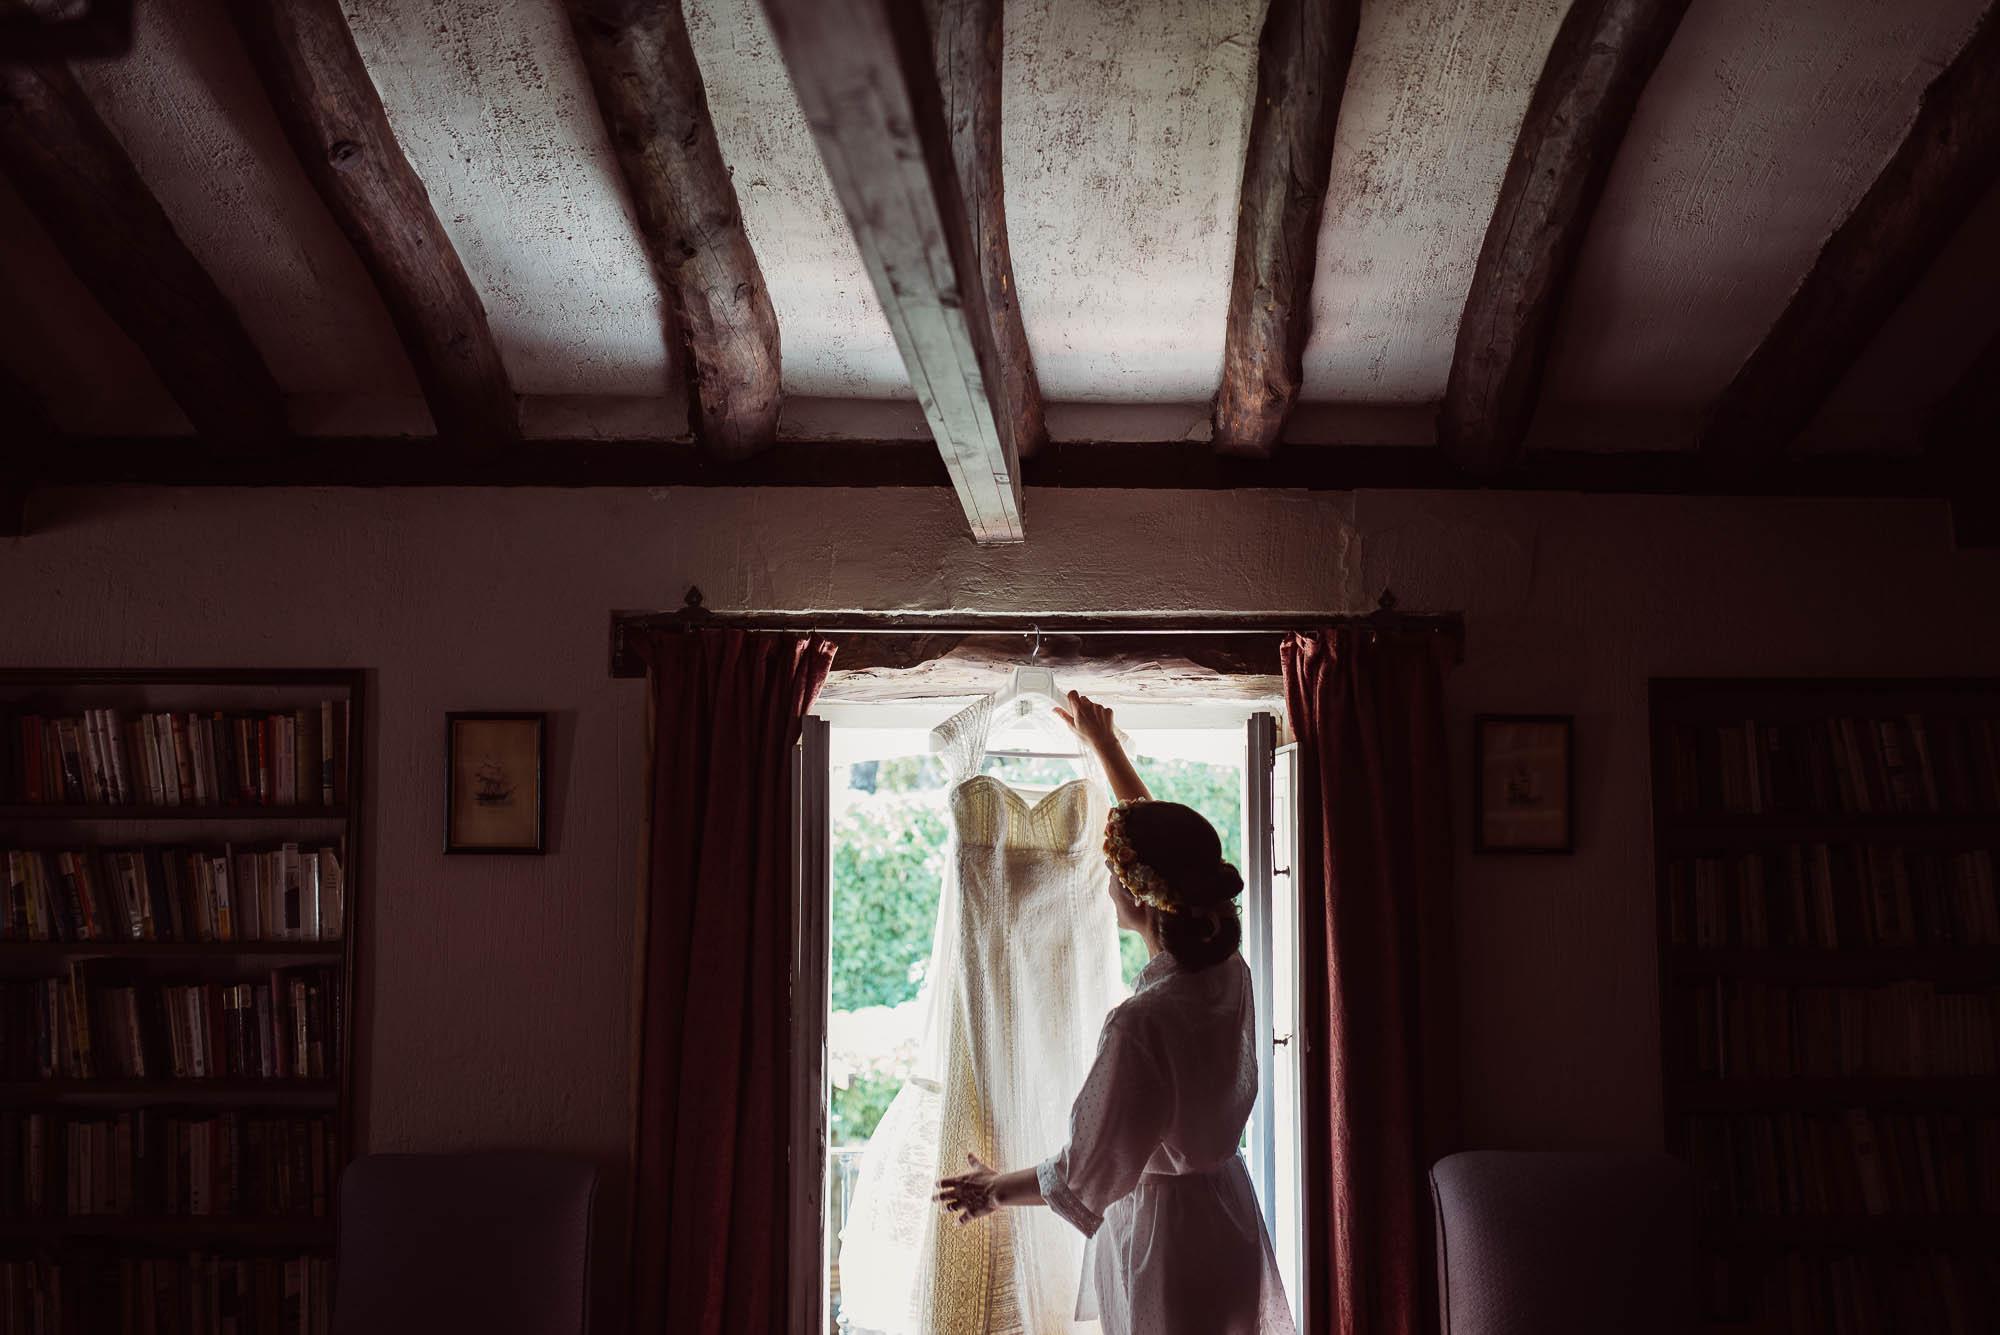 La novia coge su vestido durante los preparativos de la boda